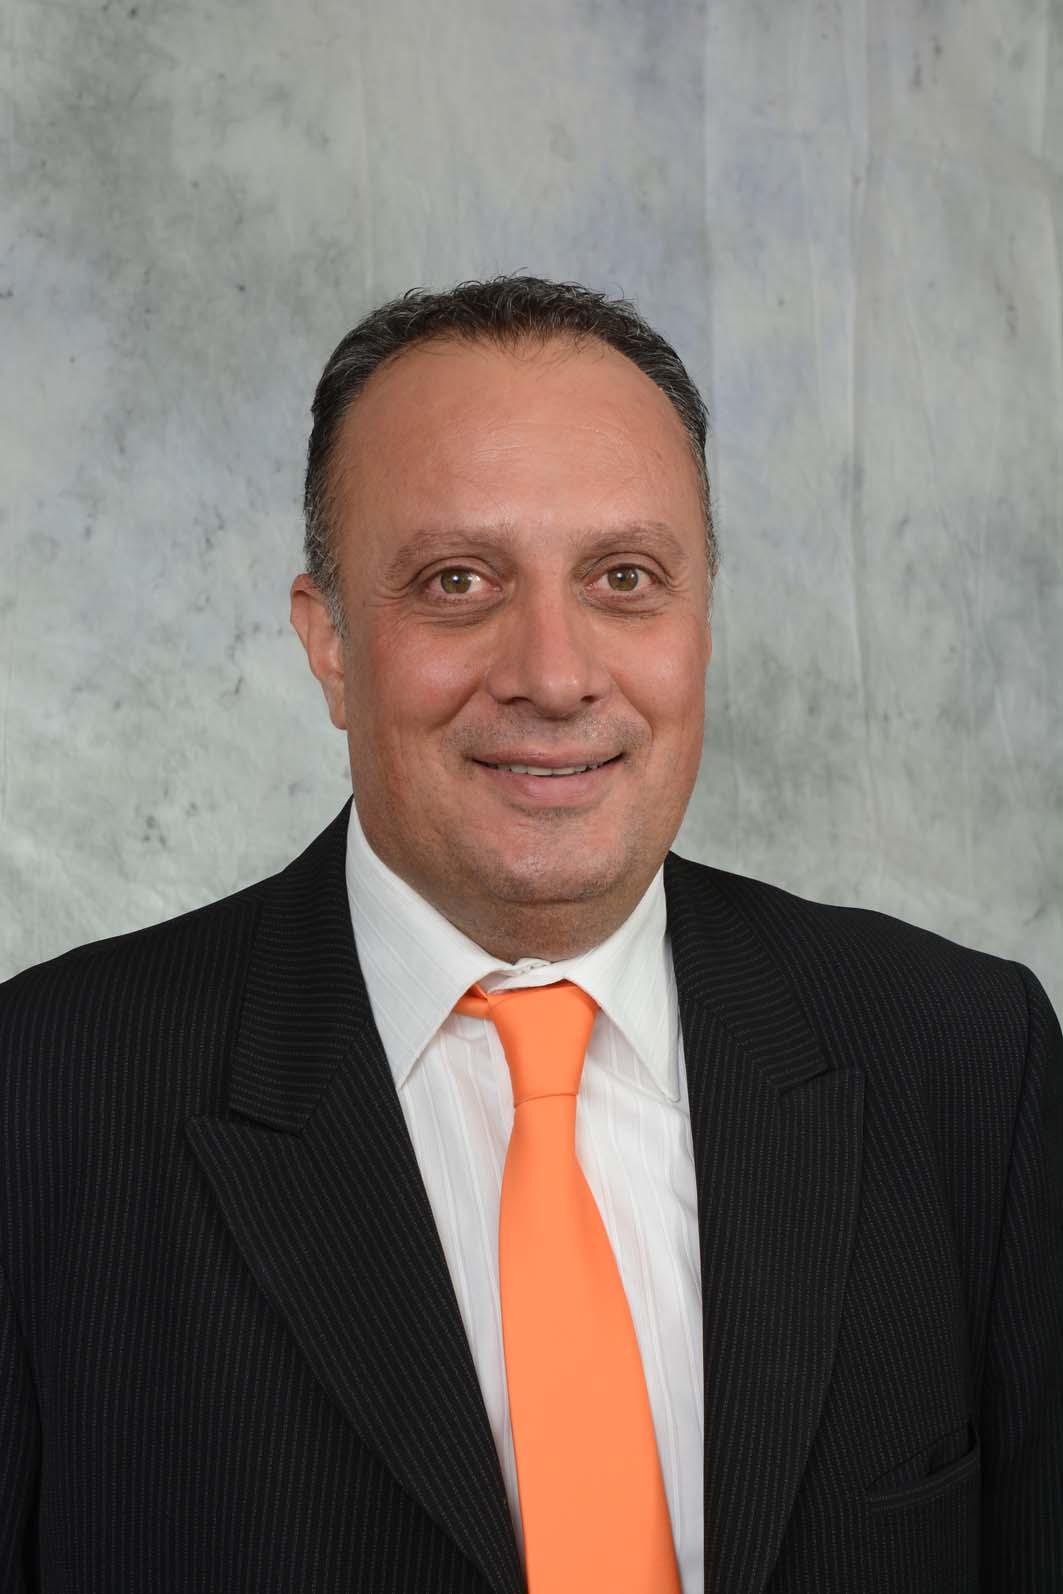 Mr. D. Karagiannis